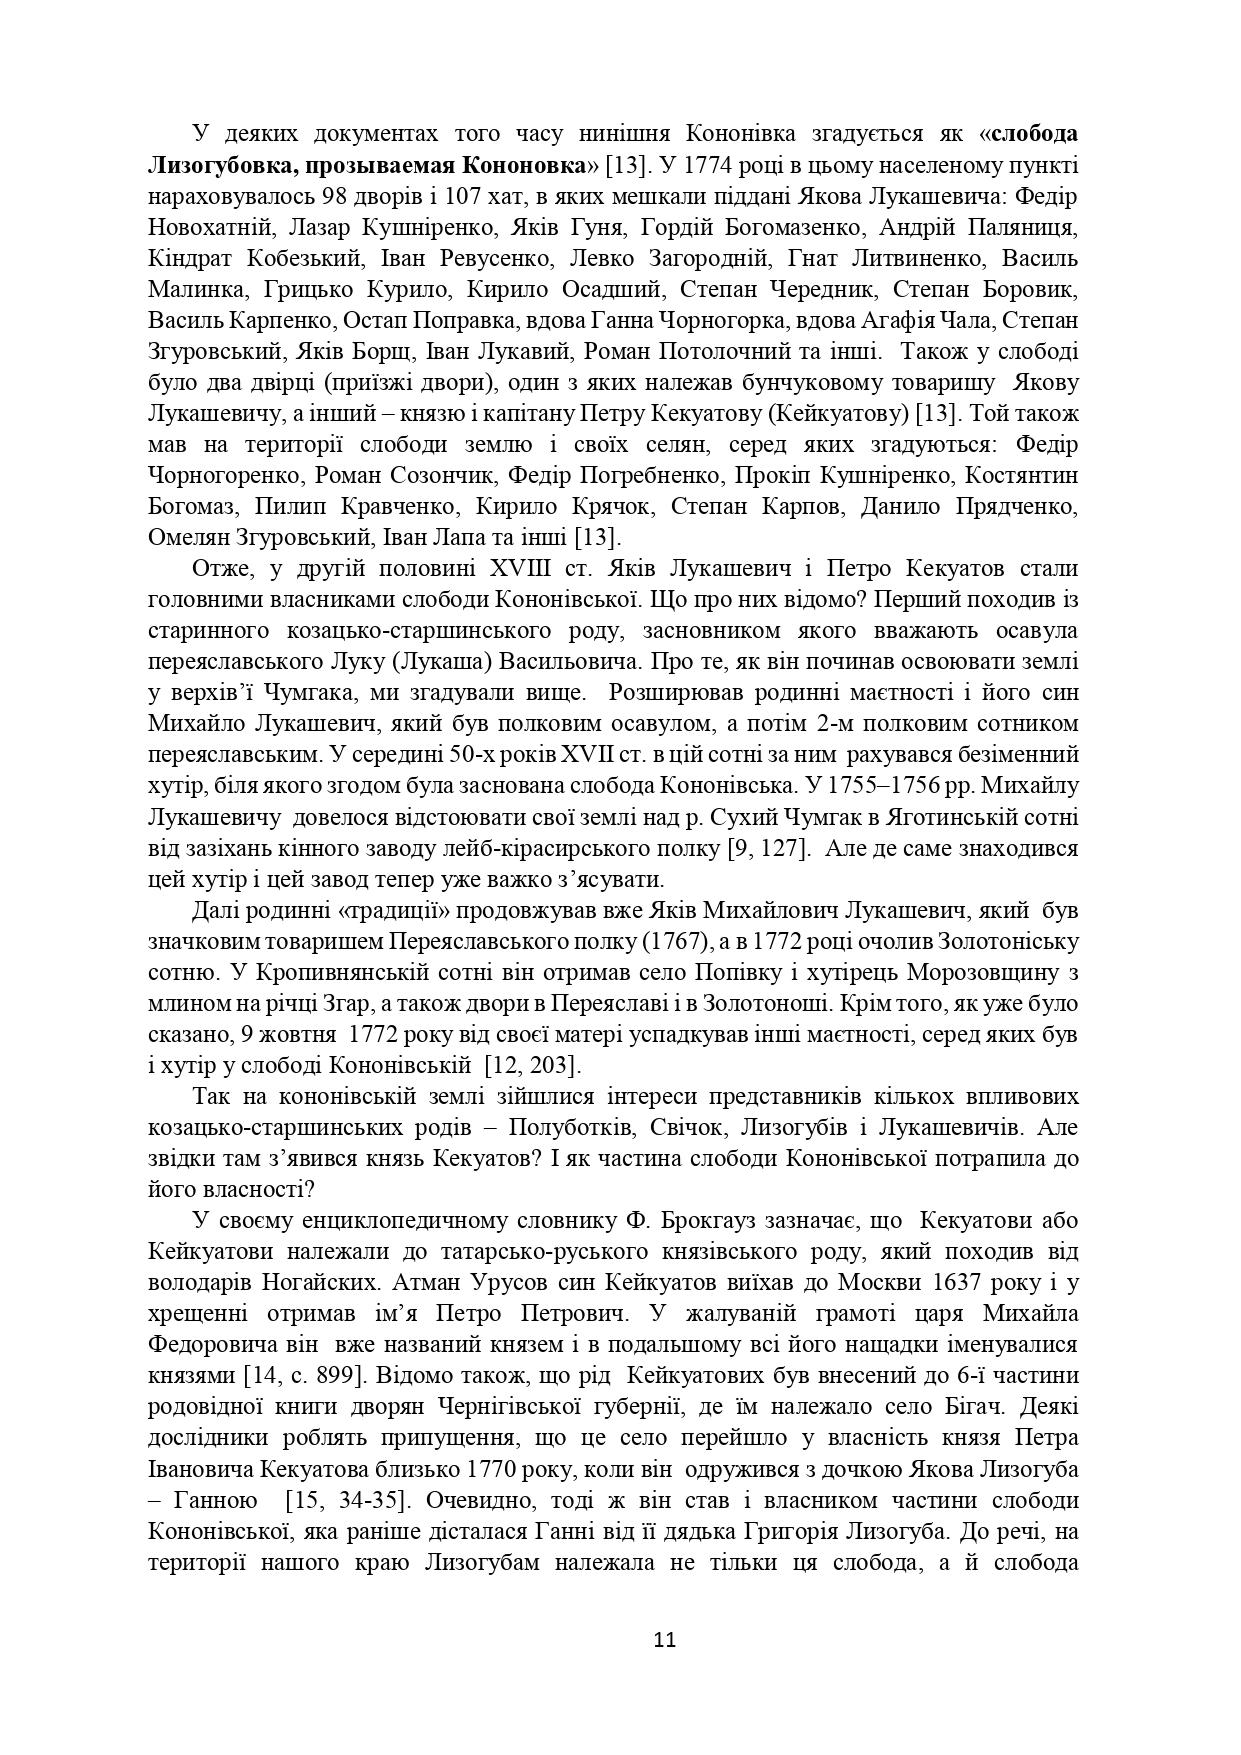 ІСТОРІЯ СЕЛА КОНОНІВКА 2021 (1)_page-0011